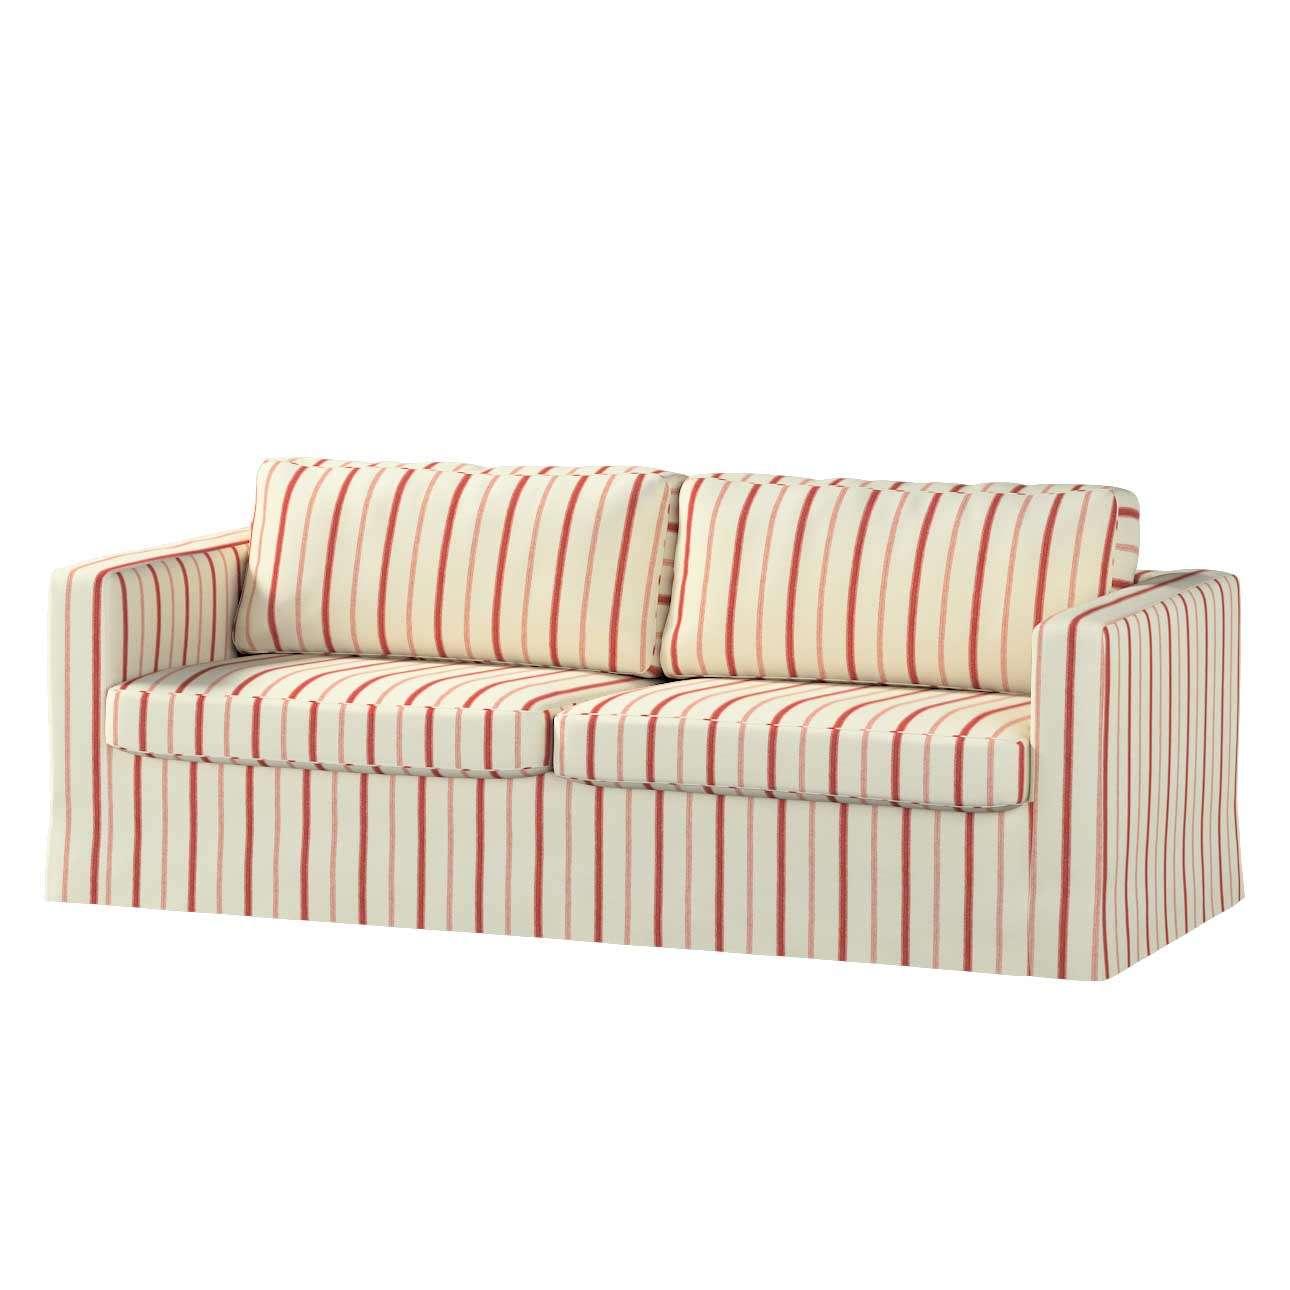 Karlstad trivietės sofos užvalkalas (ilgas, iki žemės) Karlstad trivietės sofos užvalkalas (ilgas, iki žemės) kolekcijoje Avinon, audinys: 129-15